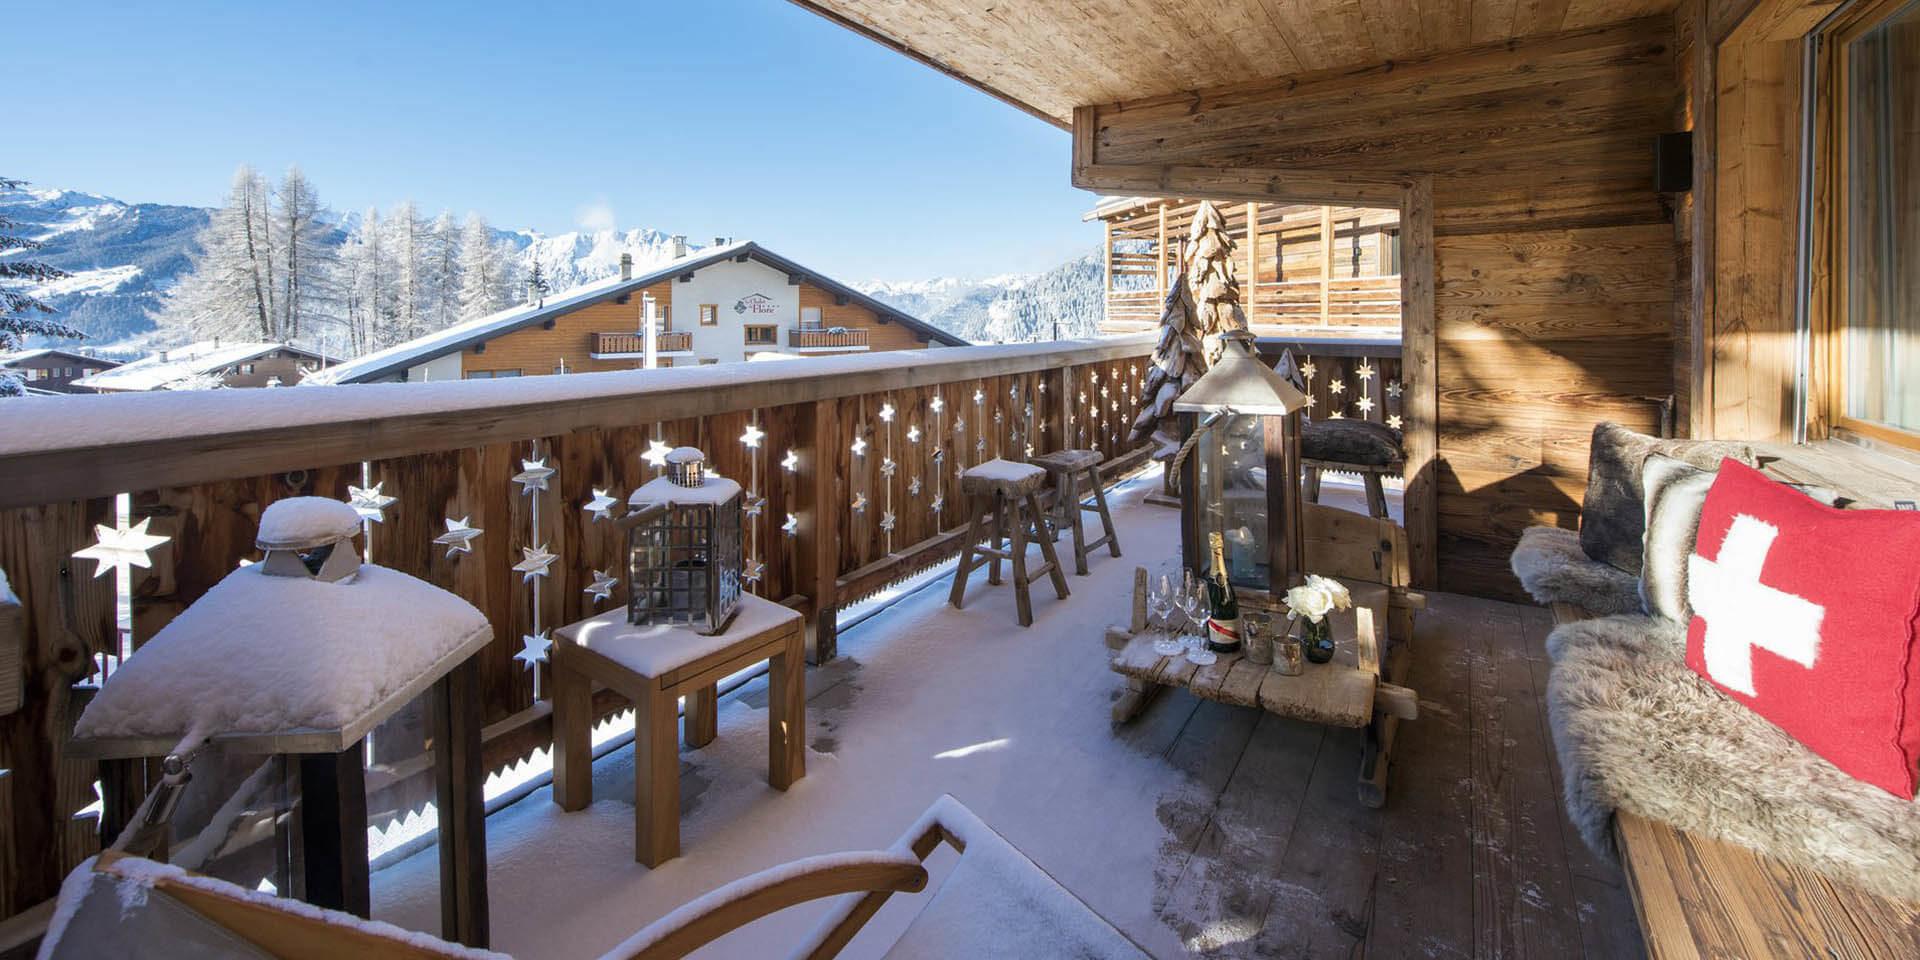 Appartement Rosalp 4 Verbier Les 4 Vallees Zwitserland wintersport skivakantie luxe groot terras zonnig krukjes bank kussens kleed Champagne windlicht uitzicht sneeuw bomen bergen